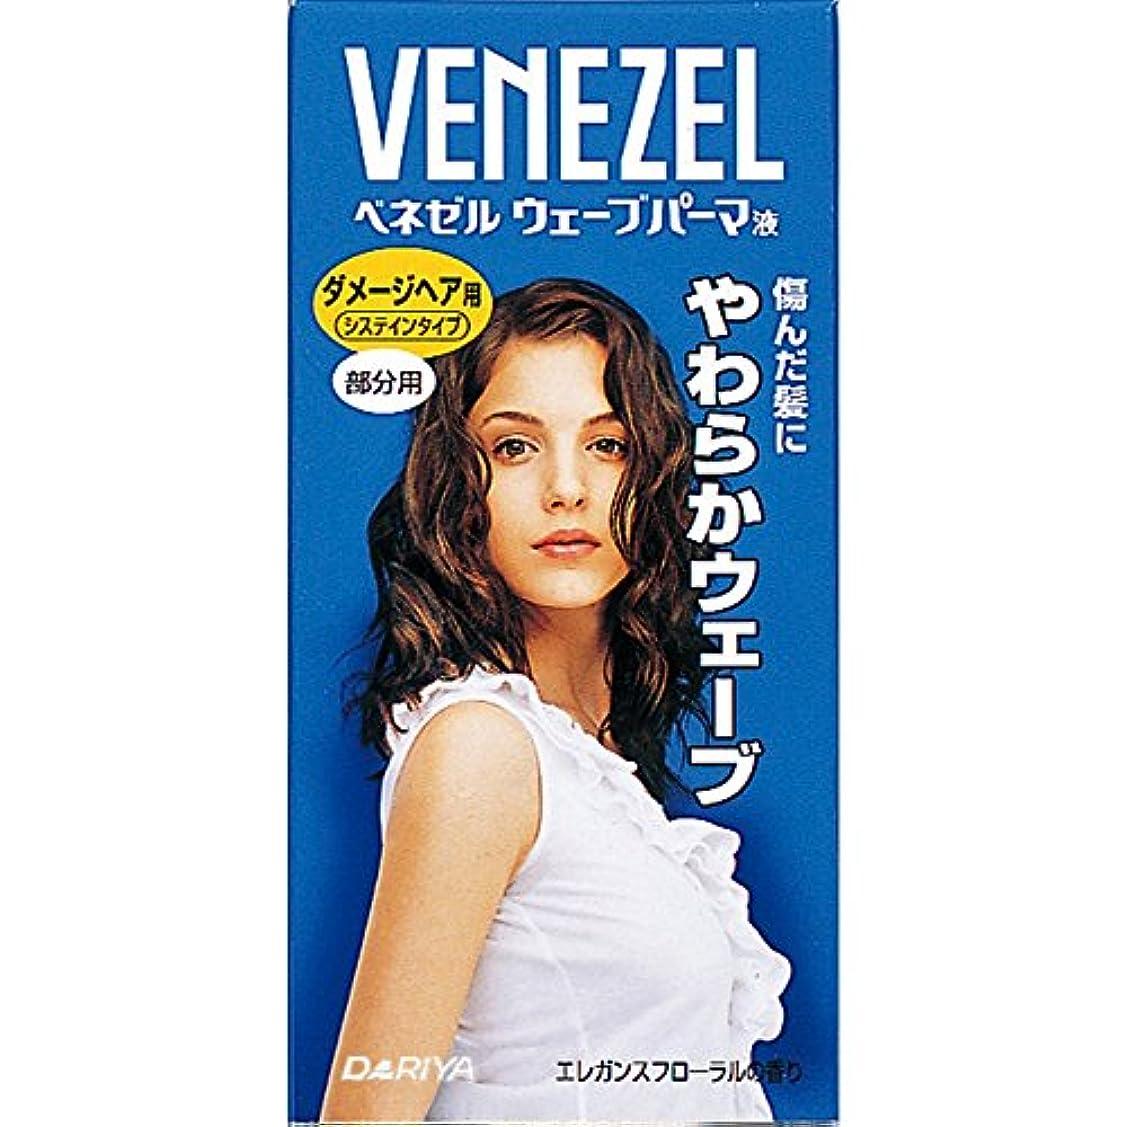 製品無意識思慮深いベネゼル ウェーブパーマ液 ダメージヘア用 部分用【HTRC5.1】